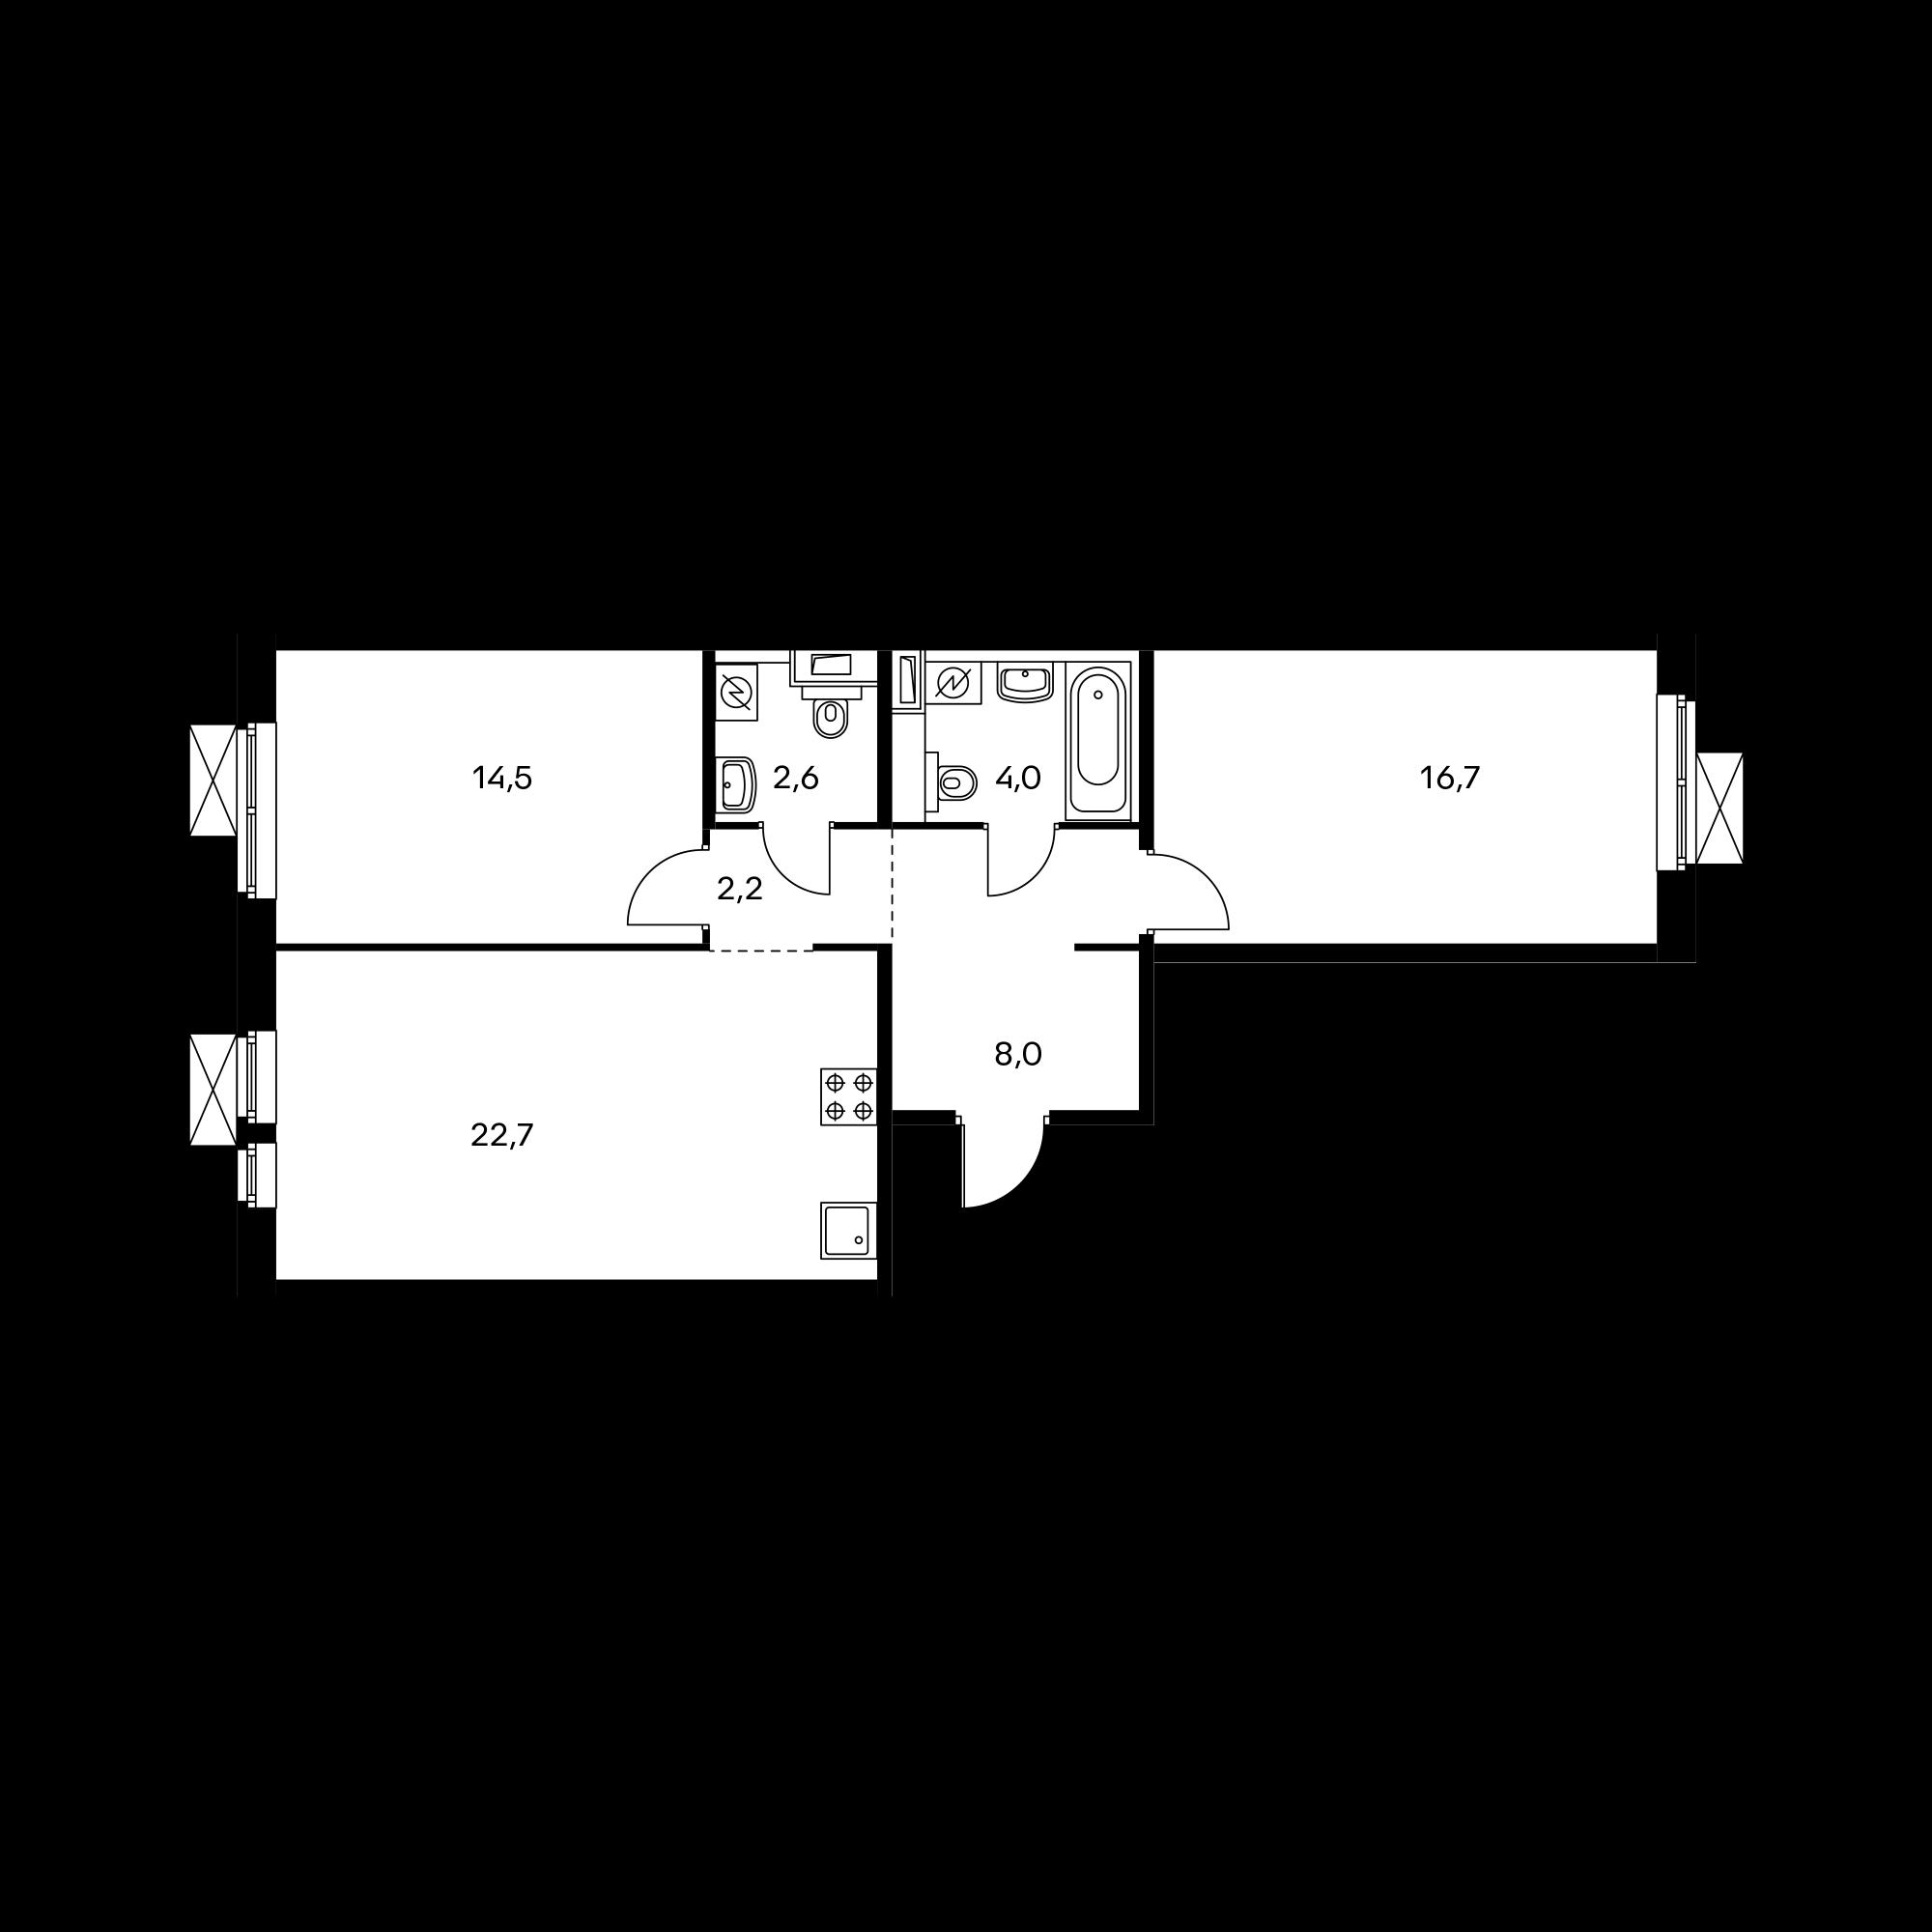 2EL10_6.9-2_S_Z